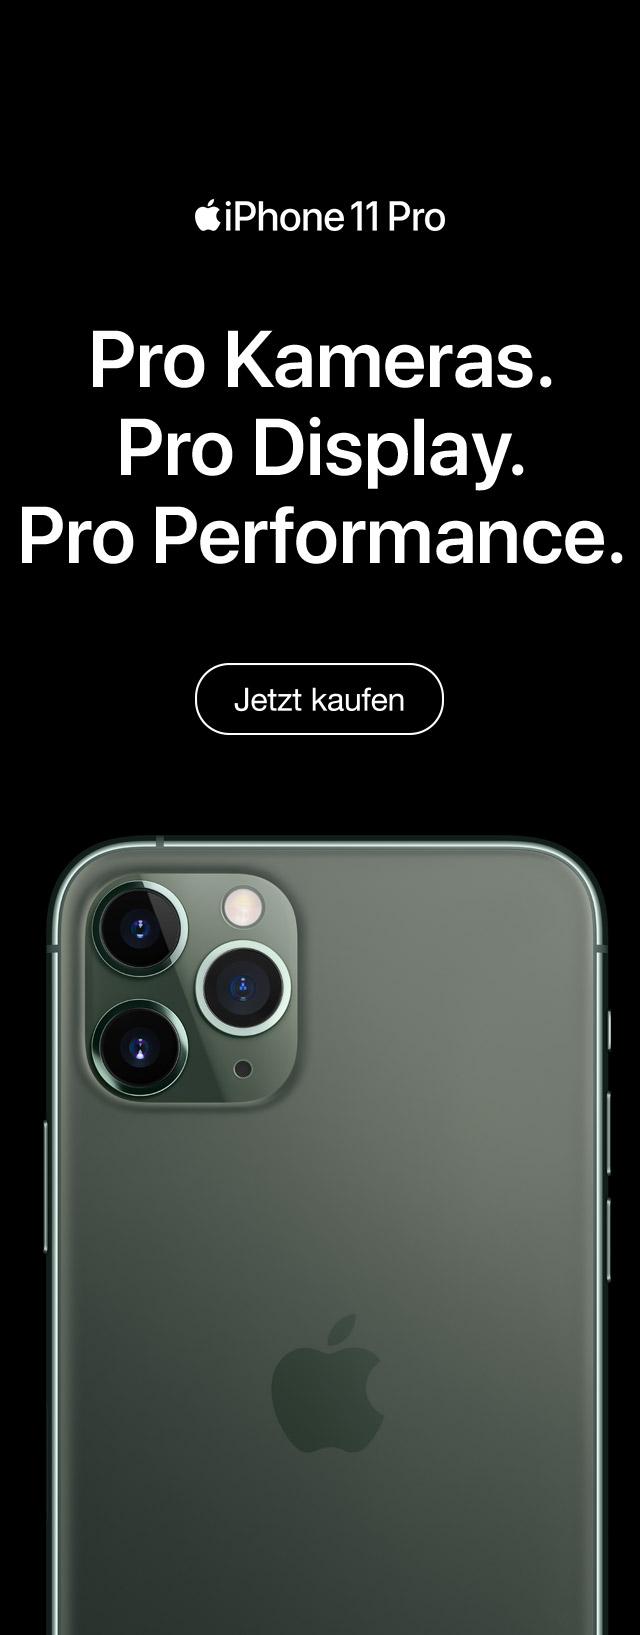 iPhone 11 Pro und iPhone Pro 11 Max